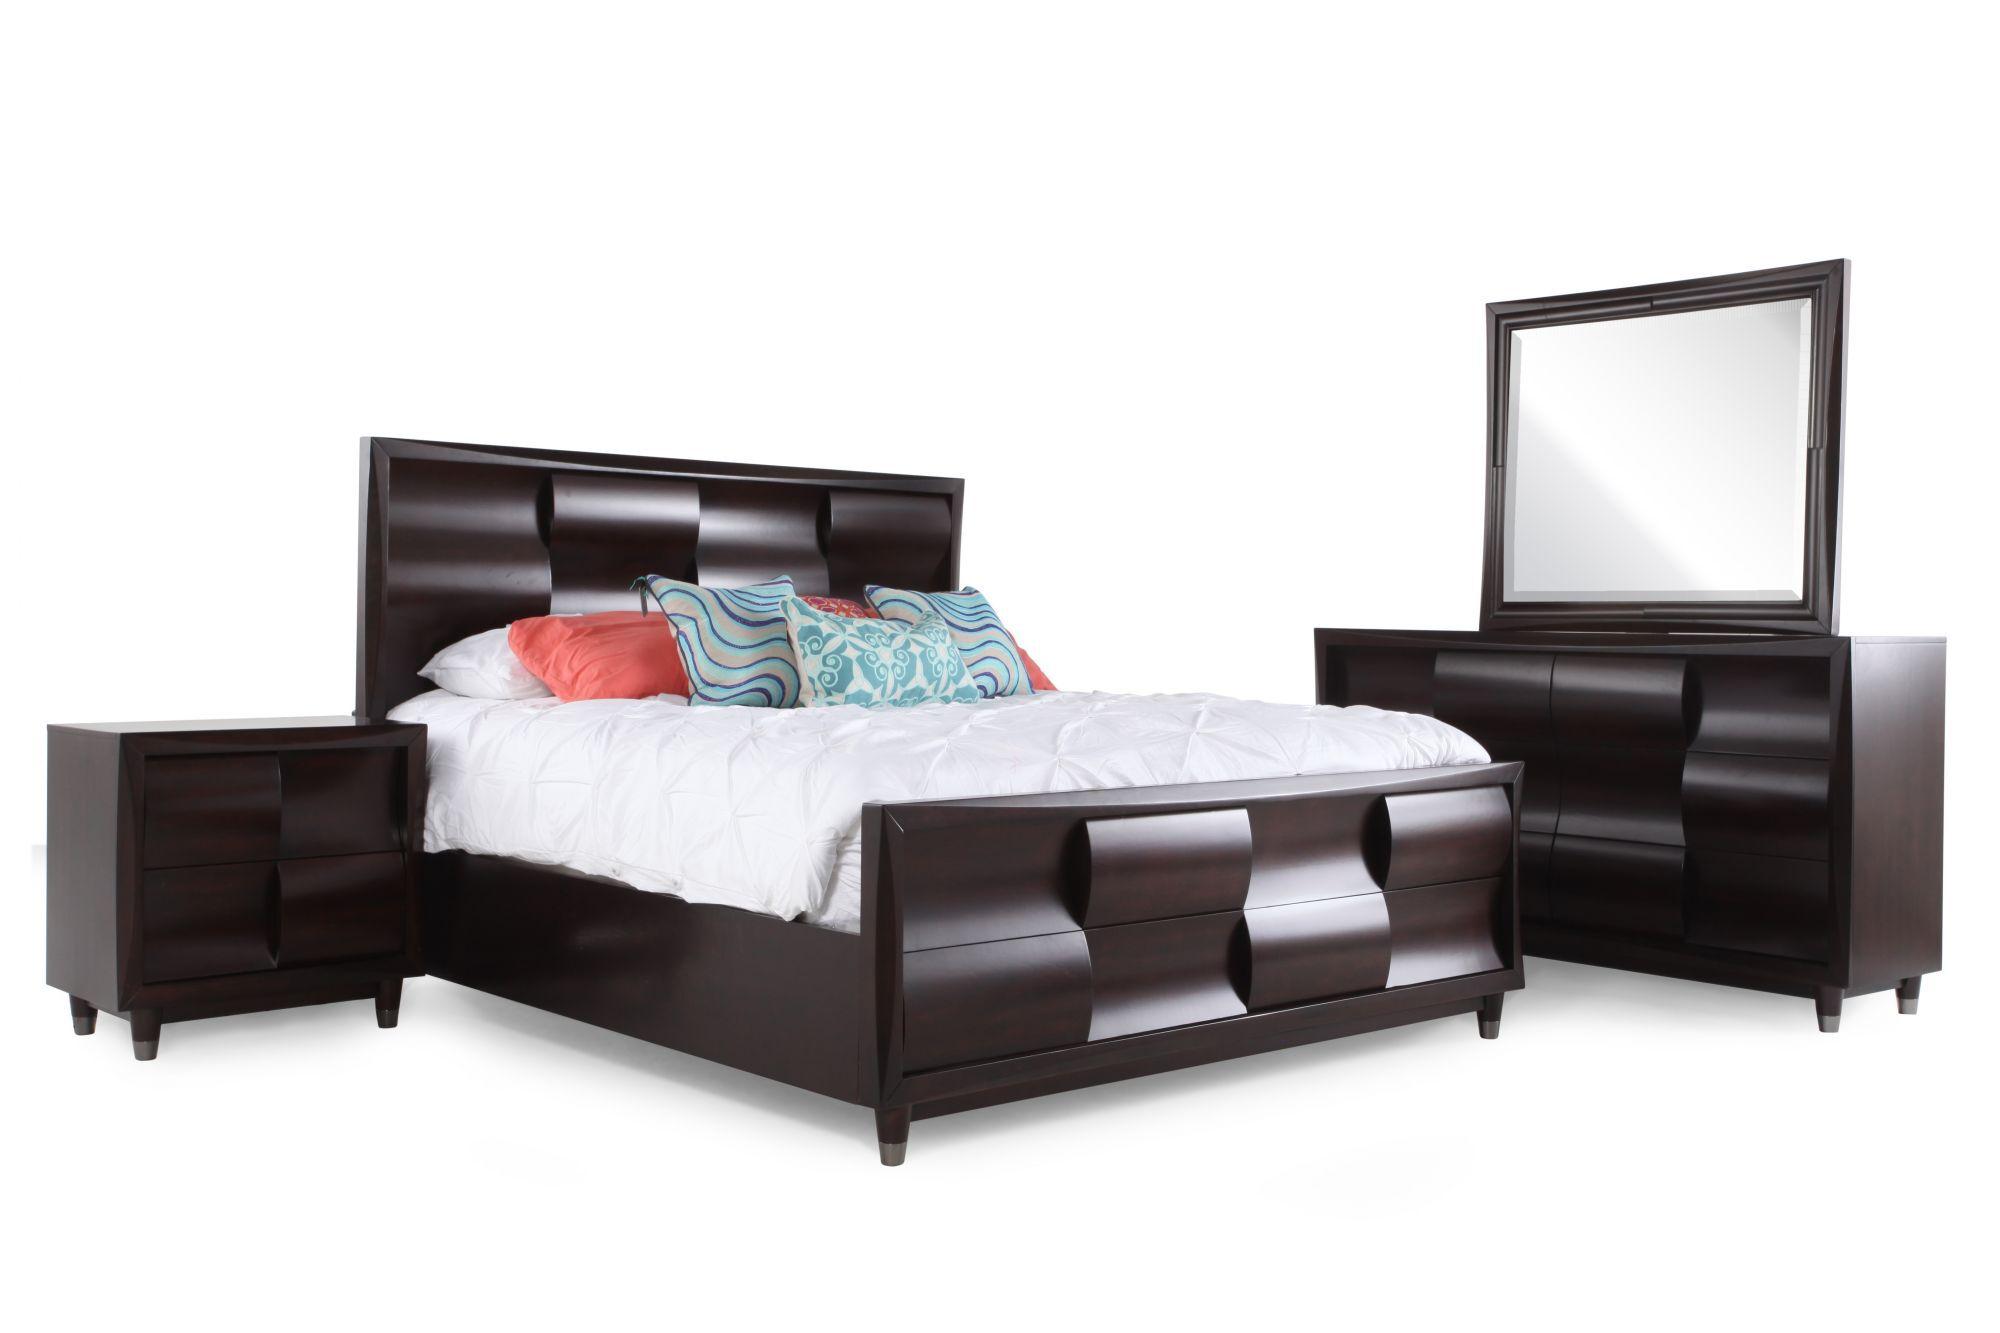 magnussen home fuqua suite - Magnussen Furniture